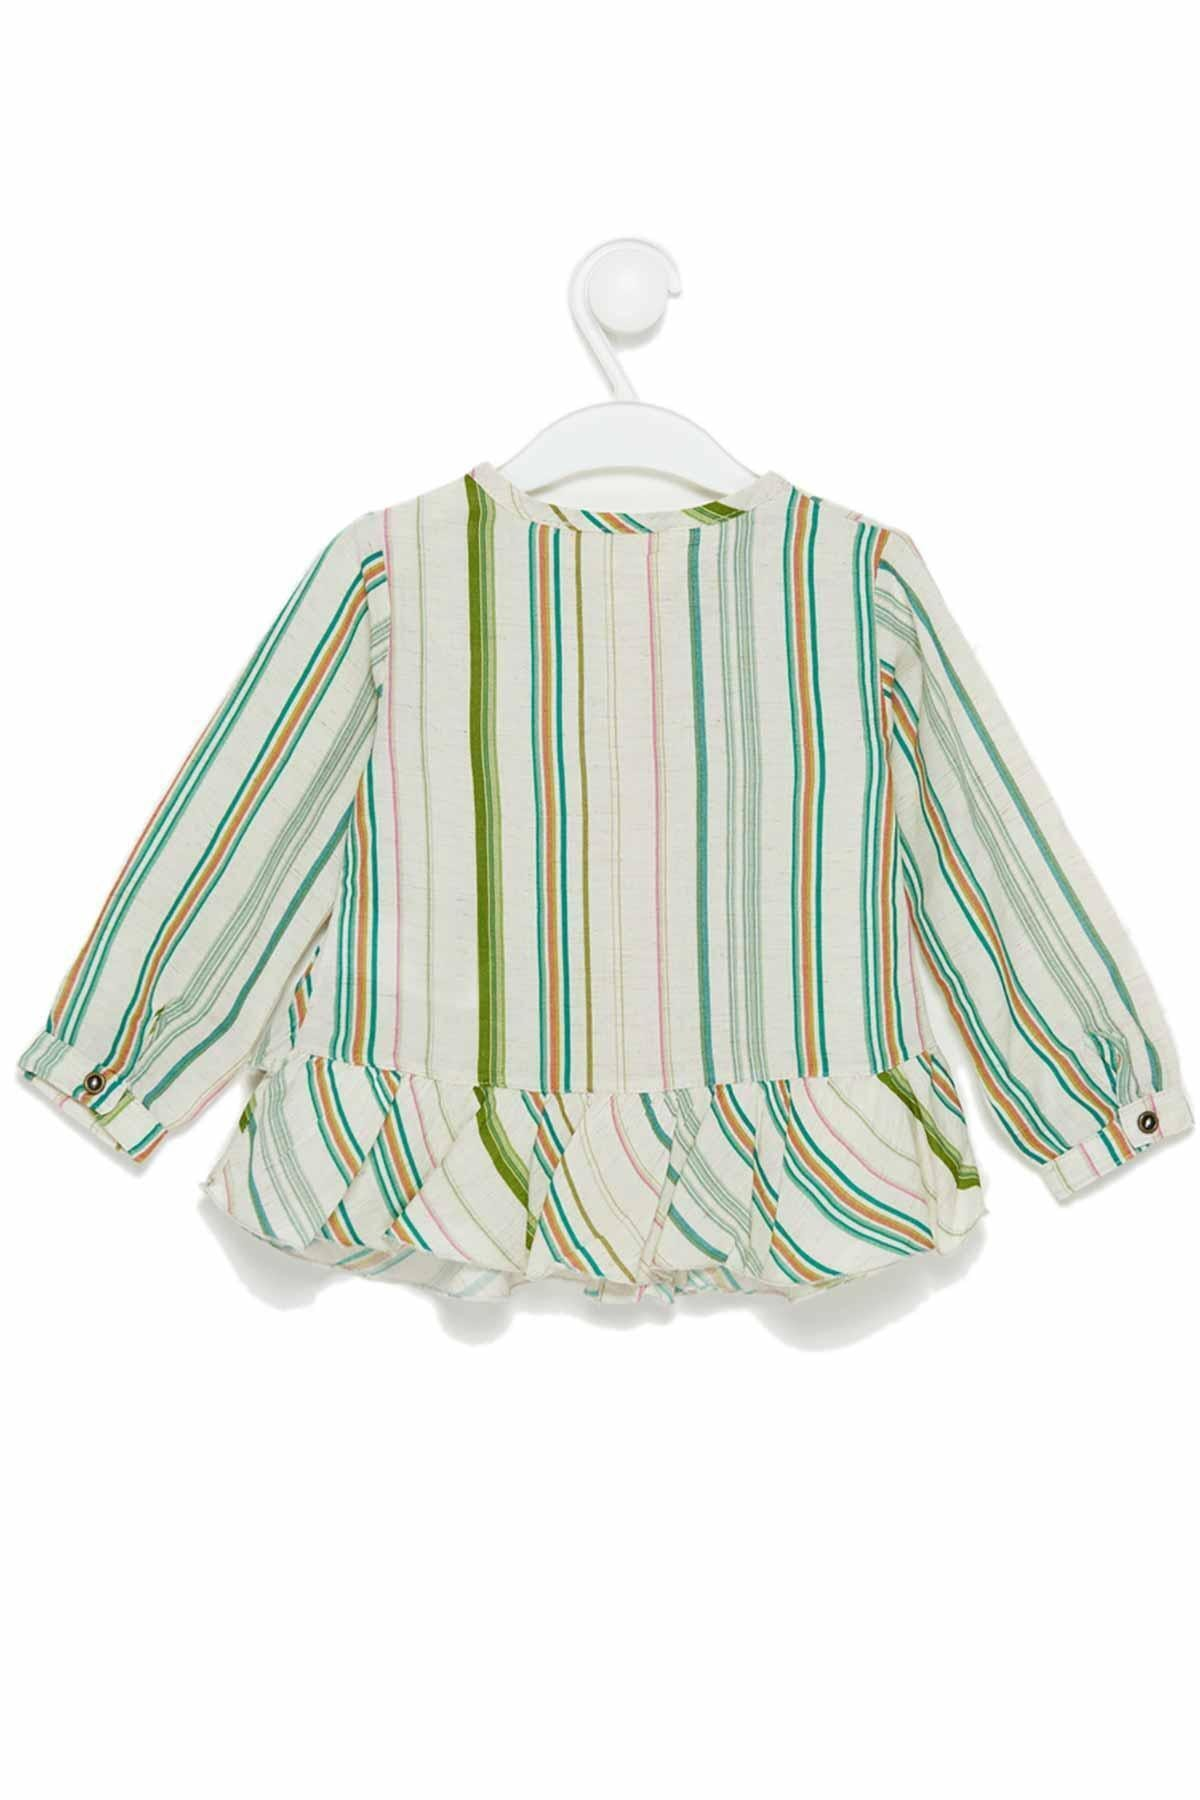 ژورنال پیراهن نوزاد دخترانه برند Çikoby رنگ سبز کد ty34376073